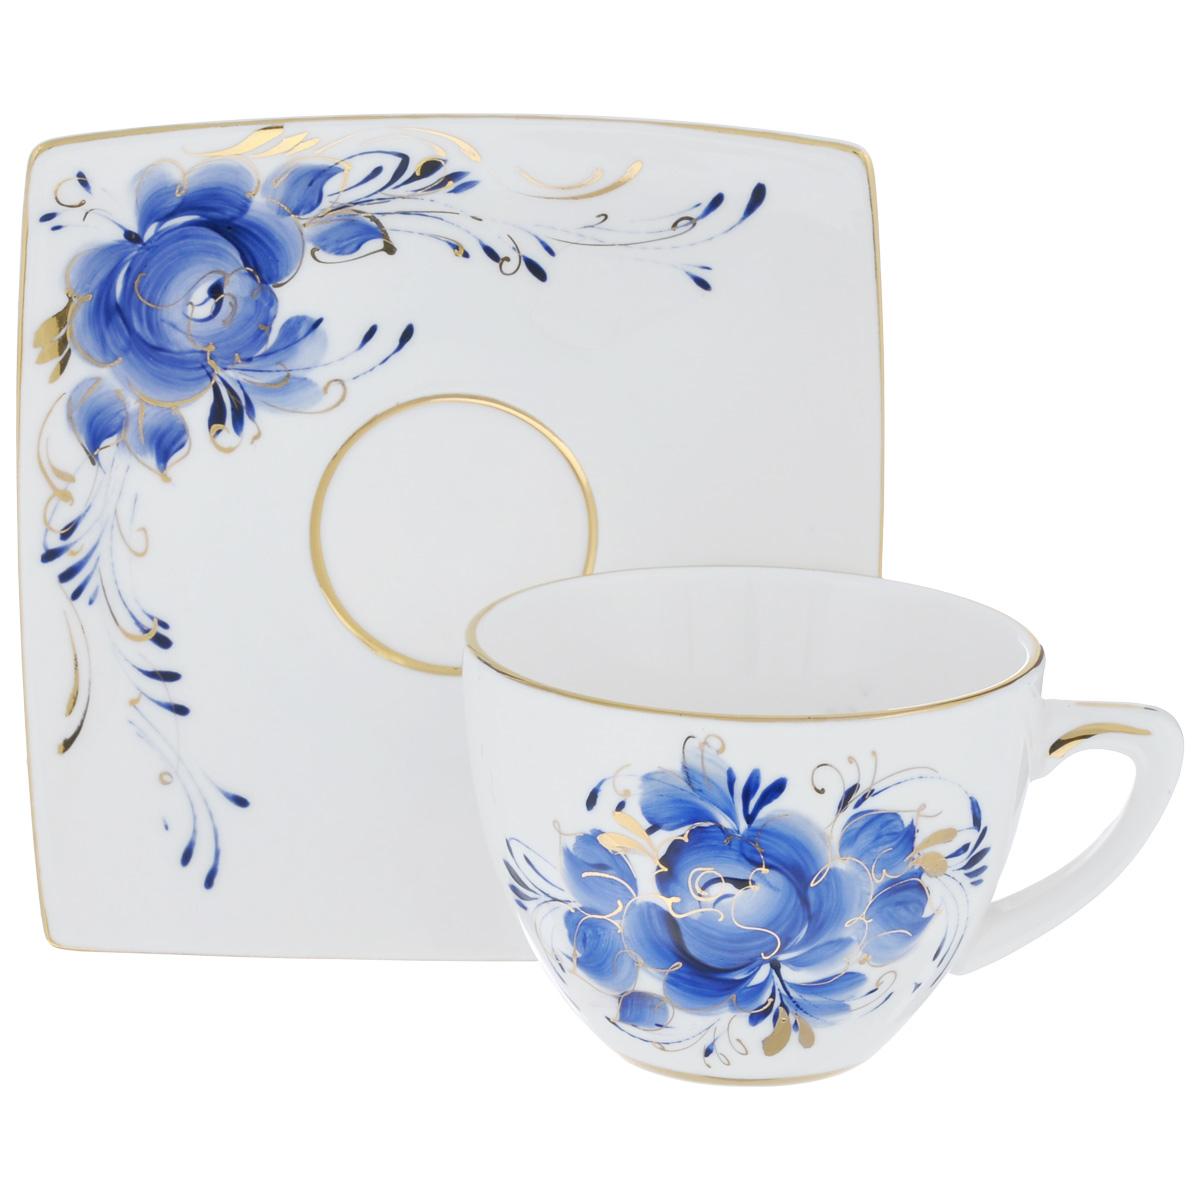 Чайная пара Лиза, цвет: белый, синий, золотой, 2 предмета. 995161310995161310Чайная пара Лиза состоит из чашки и блюдца, изготовленных из фарфора белого цвета, и расписаны вручную. Яркий дизайн, несомненно, придется вам по вкусу. Чайная пара Лиза украсит ваш кухонный стол, а также станет замечательным подарком к любому празднику. Не применять абразивные чистящие средства. Не использовать в микроволновой печи. Мыть с применением нейтральных моющих средств. Не рекомендуется использовать в посудомоечных машинах. Объем чашки: 200 мл. Диаметр чашки по верхнему краю: 8,5 см. Диаметр основания: 4 см. Высота чашки: 6 см. Размеры блюдца: 13,5 см х 13,5 см.